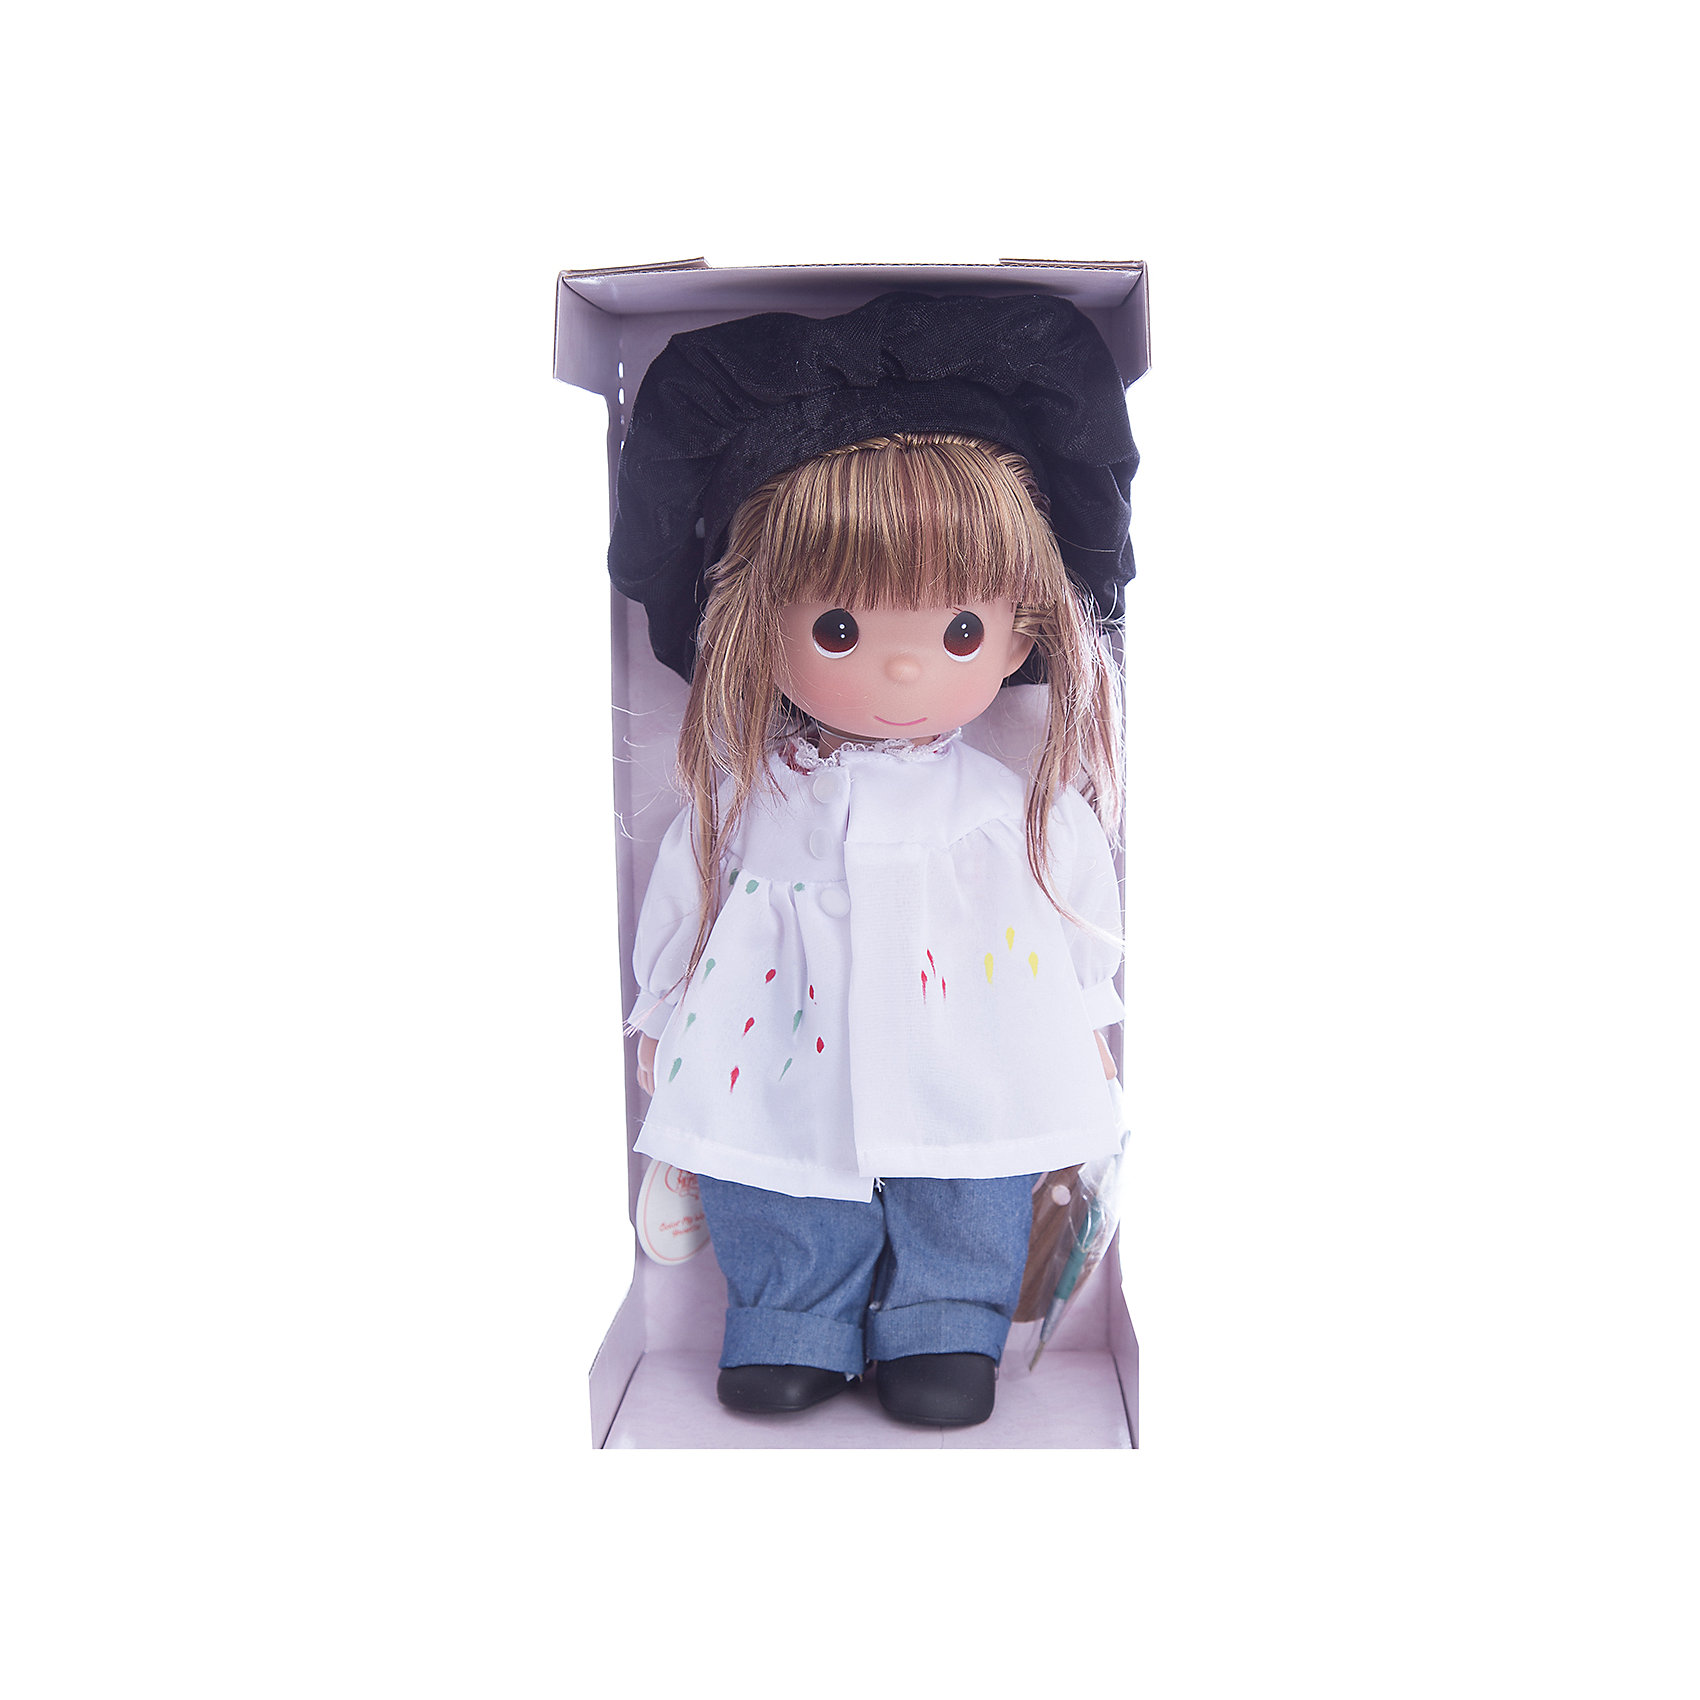 Кукла Художница, брюнетка, 30 см, Precious MomentsКлассические куклы<br>Характеристики товара:<br><br>• возраст: от 5 лет;<br>• материал: винил, текстиль;<br>• высота куклы: 30 см;<br>• размер упаковки: 30х20х10 см;<br>• вес упаковки: 420 гр.;<br>• страна производитель: Филиппины.<br><br>Кукла «Художница» Precious Moments предстает в образе художника. Она одета в белую рубашку, синие джинсы и черный берет. В руках у нее палитра с красками и кисть. Волосы куколки заплетены в косичку. У куклы имеются подвижные детали. Она выполнена из качественного безопасного материала.<br><br>Куклу «Художница» Precious Moments можно приобрести в нашем интернет-магазине.<br><br>Ширина мм: 140<br>Глубина мм: 300<br>Высота мм: 80<br>Вес г: 428<br>Возраст от месяцев: 36<br>Возраст до месяцев: 2147483647<br>Пол: Женский<br>Возраст: Детский<br>SKU: 5482511